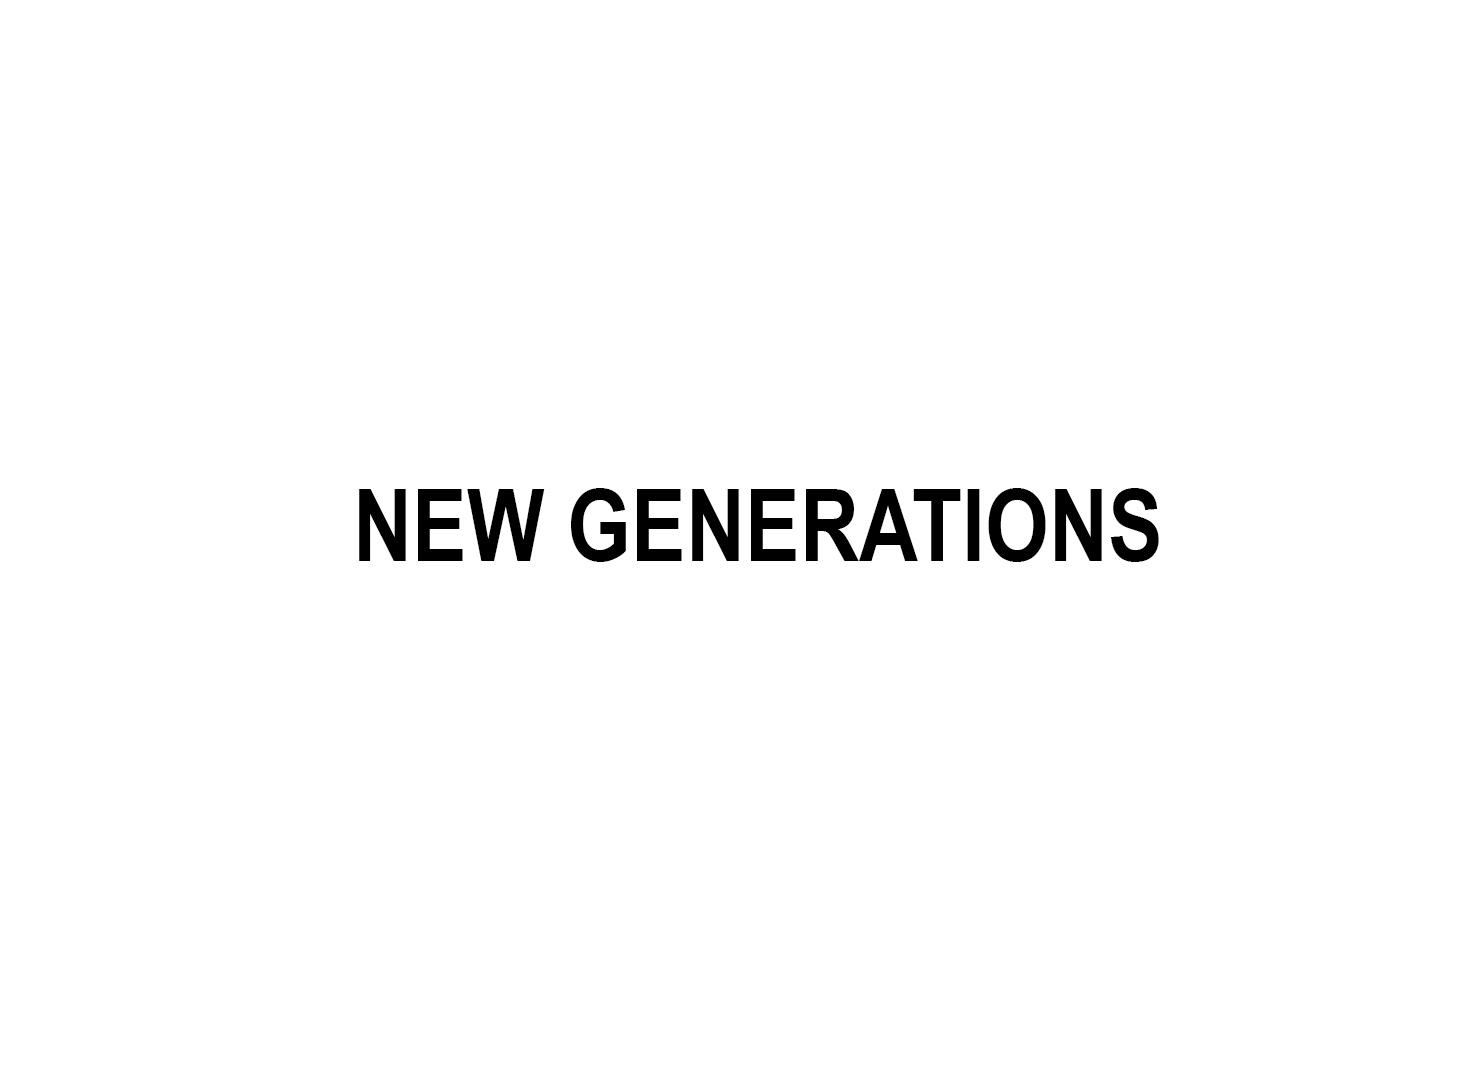 newgenerations_cumulolimbo-studio_natalia-matesanz